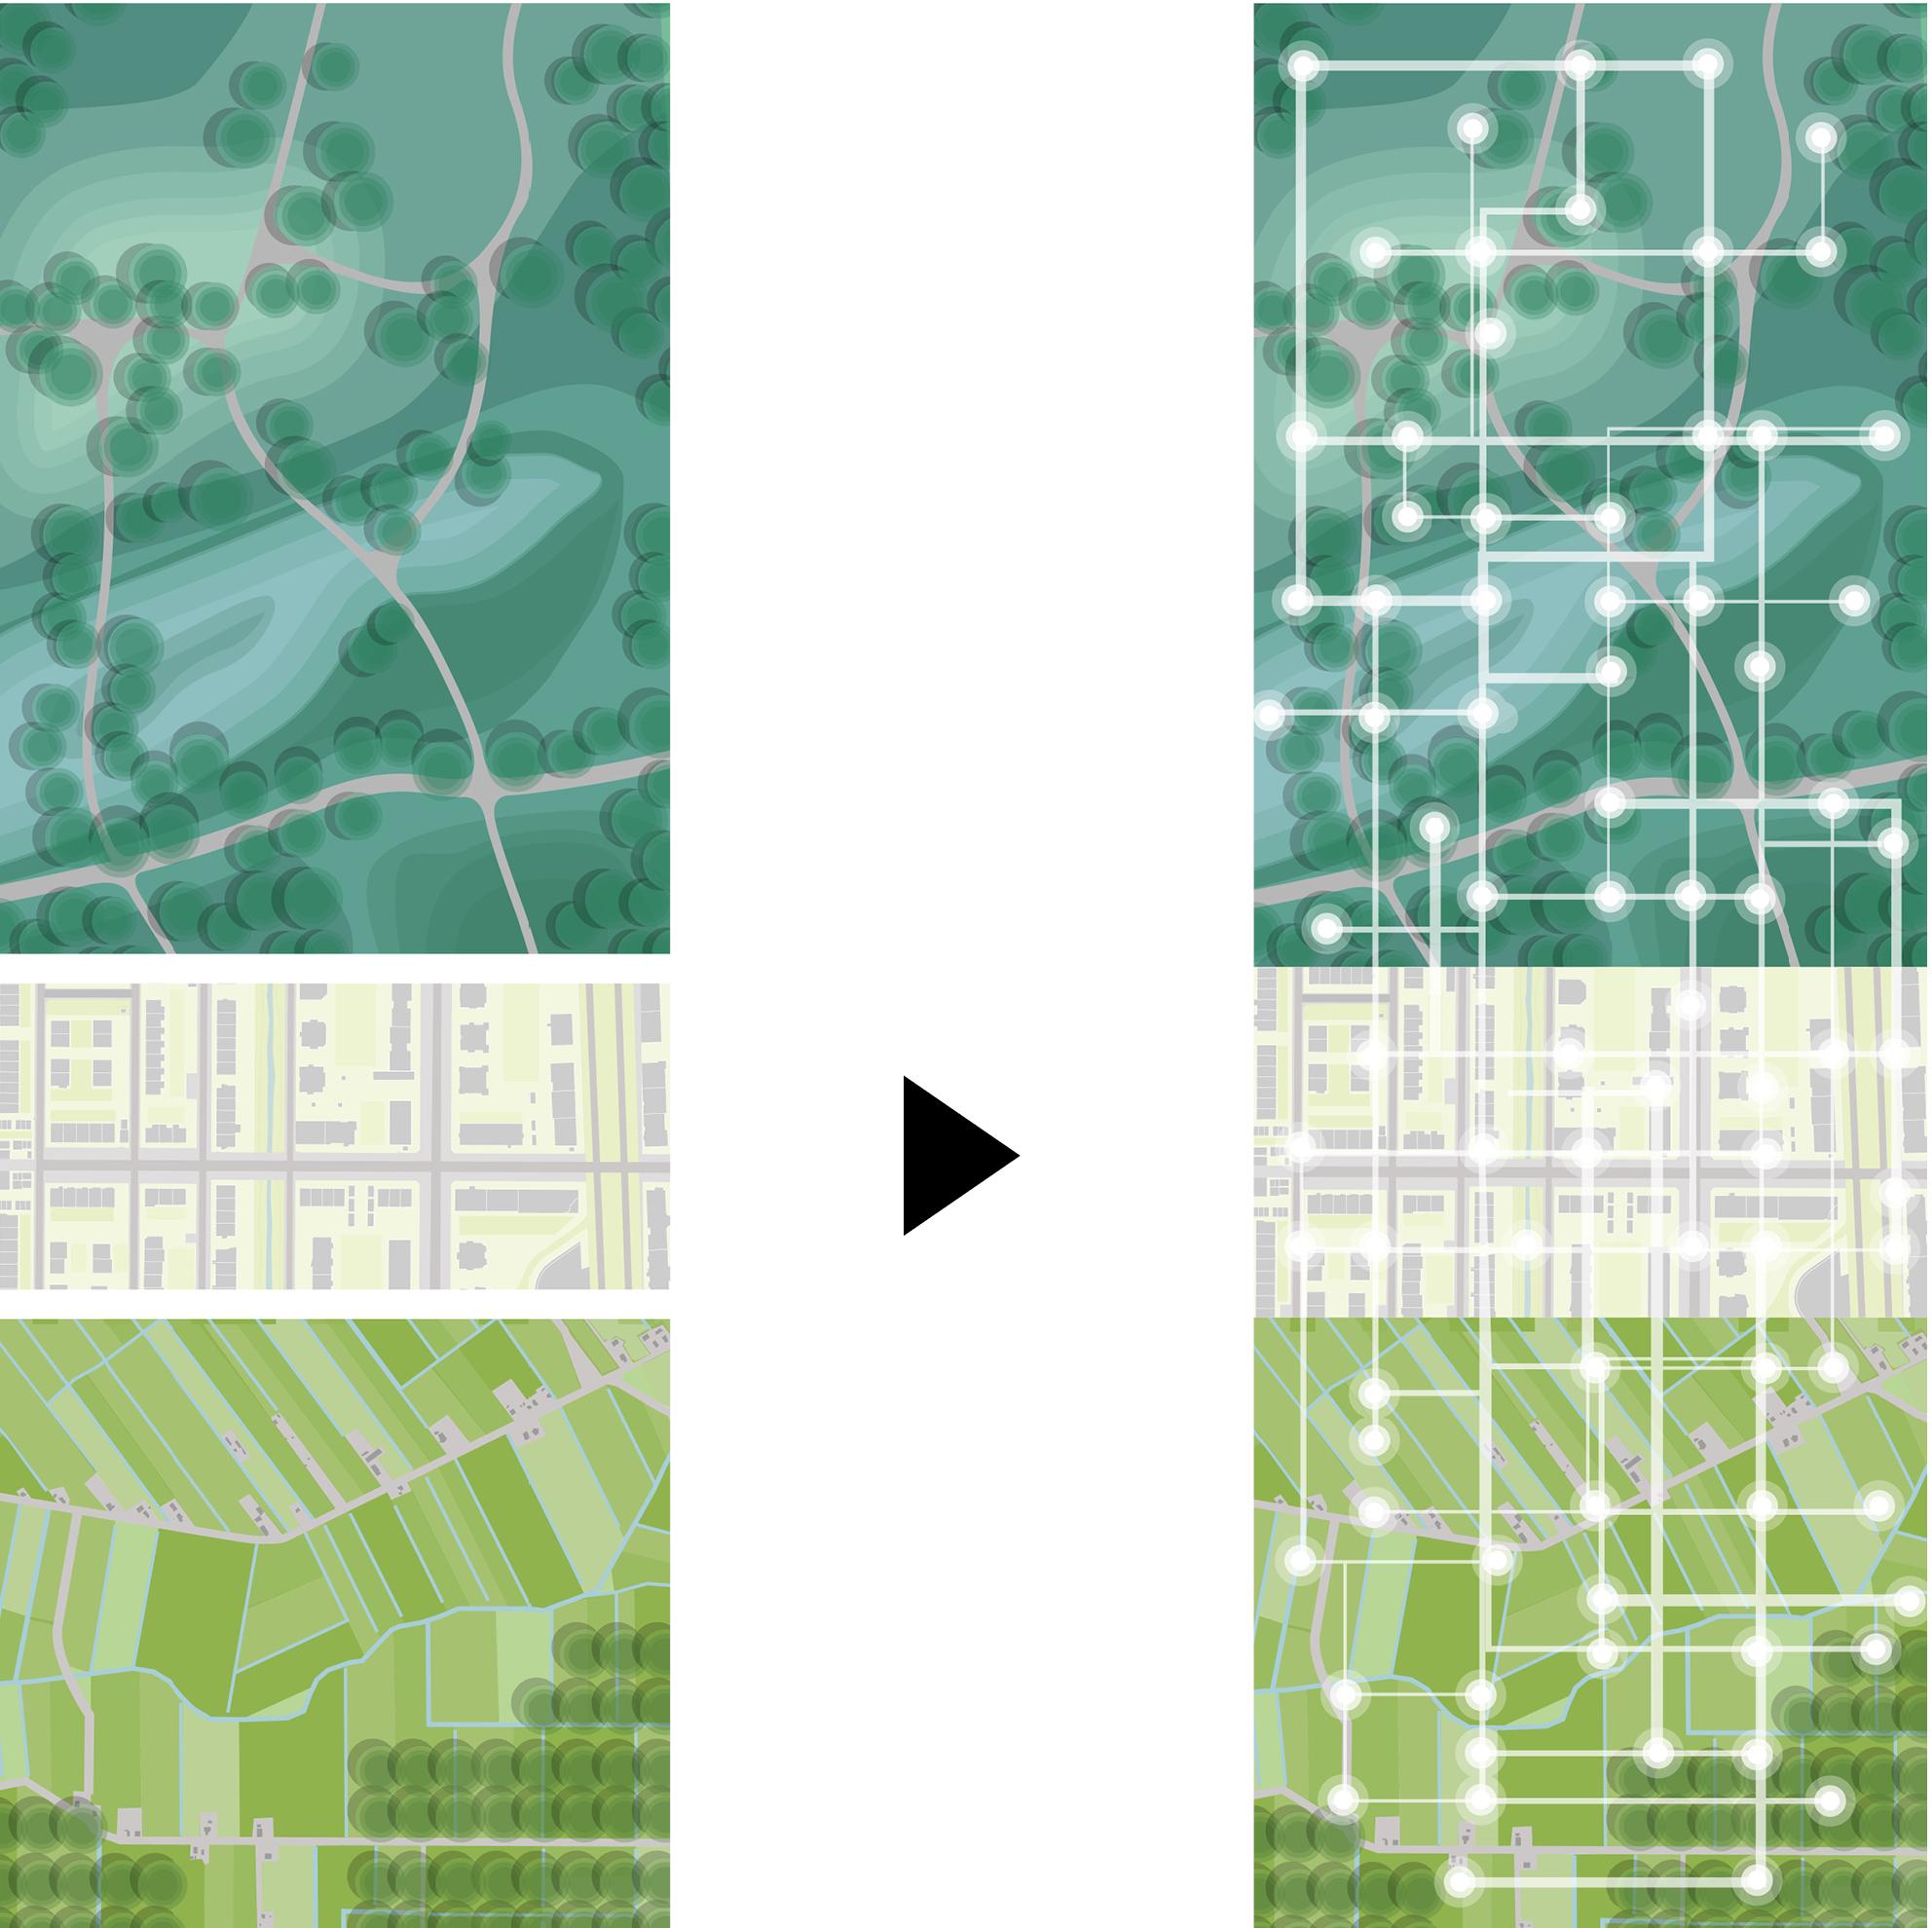 <p>Historische Layout voor een Toekomstig Landschap – Het huidige landschap rondom Brandevoort is historisch gegroeid, tot een rijke mozaïek van bossen, heidevelden, dorpen en waterrijke gebieden. Ze functioneren als individuele werelden binnen een samengestelde landschap, maar missen de kans om die diversiteit te benutten in een samenwerkende omgeving. Brainport Smart District wil daarom een nieuw hybride landschap genereren dat stedelijke, natuur- en landbouwgronden verbindt. Felixx ontwikkelde 4 ruimtelijke kaders om dit landschap van de toekomst te organiseren.</p>